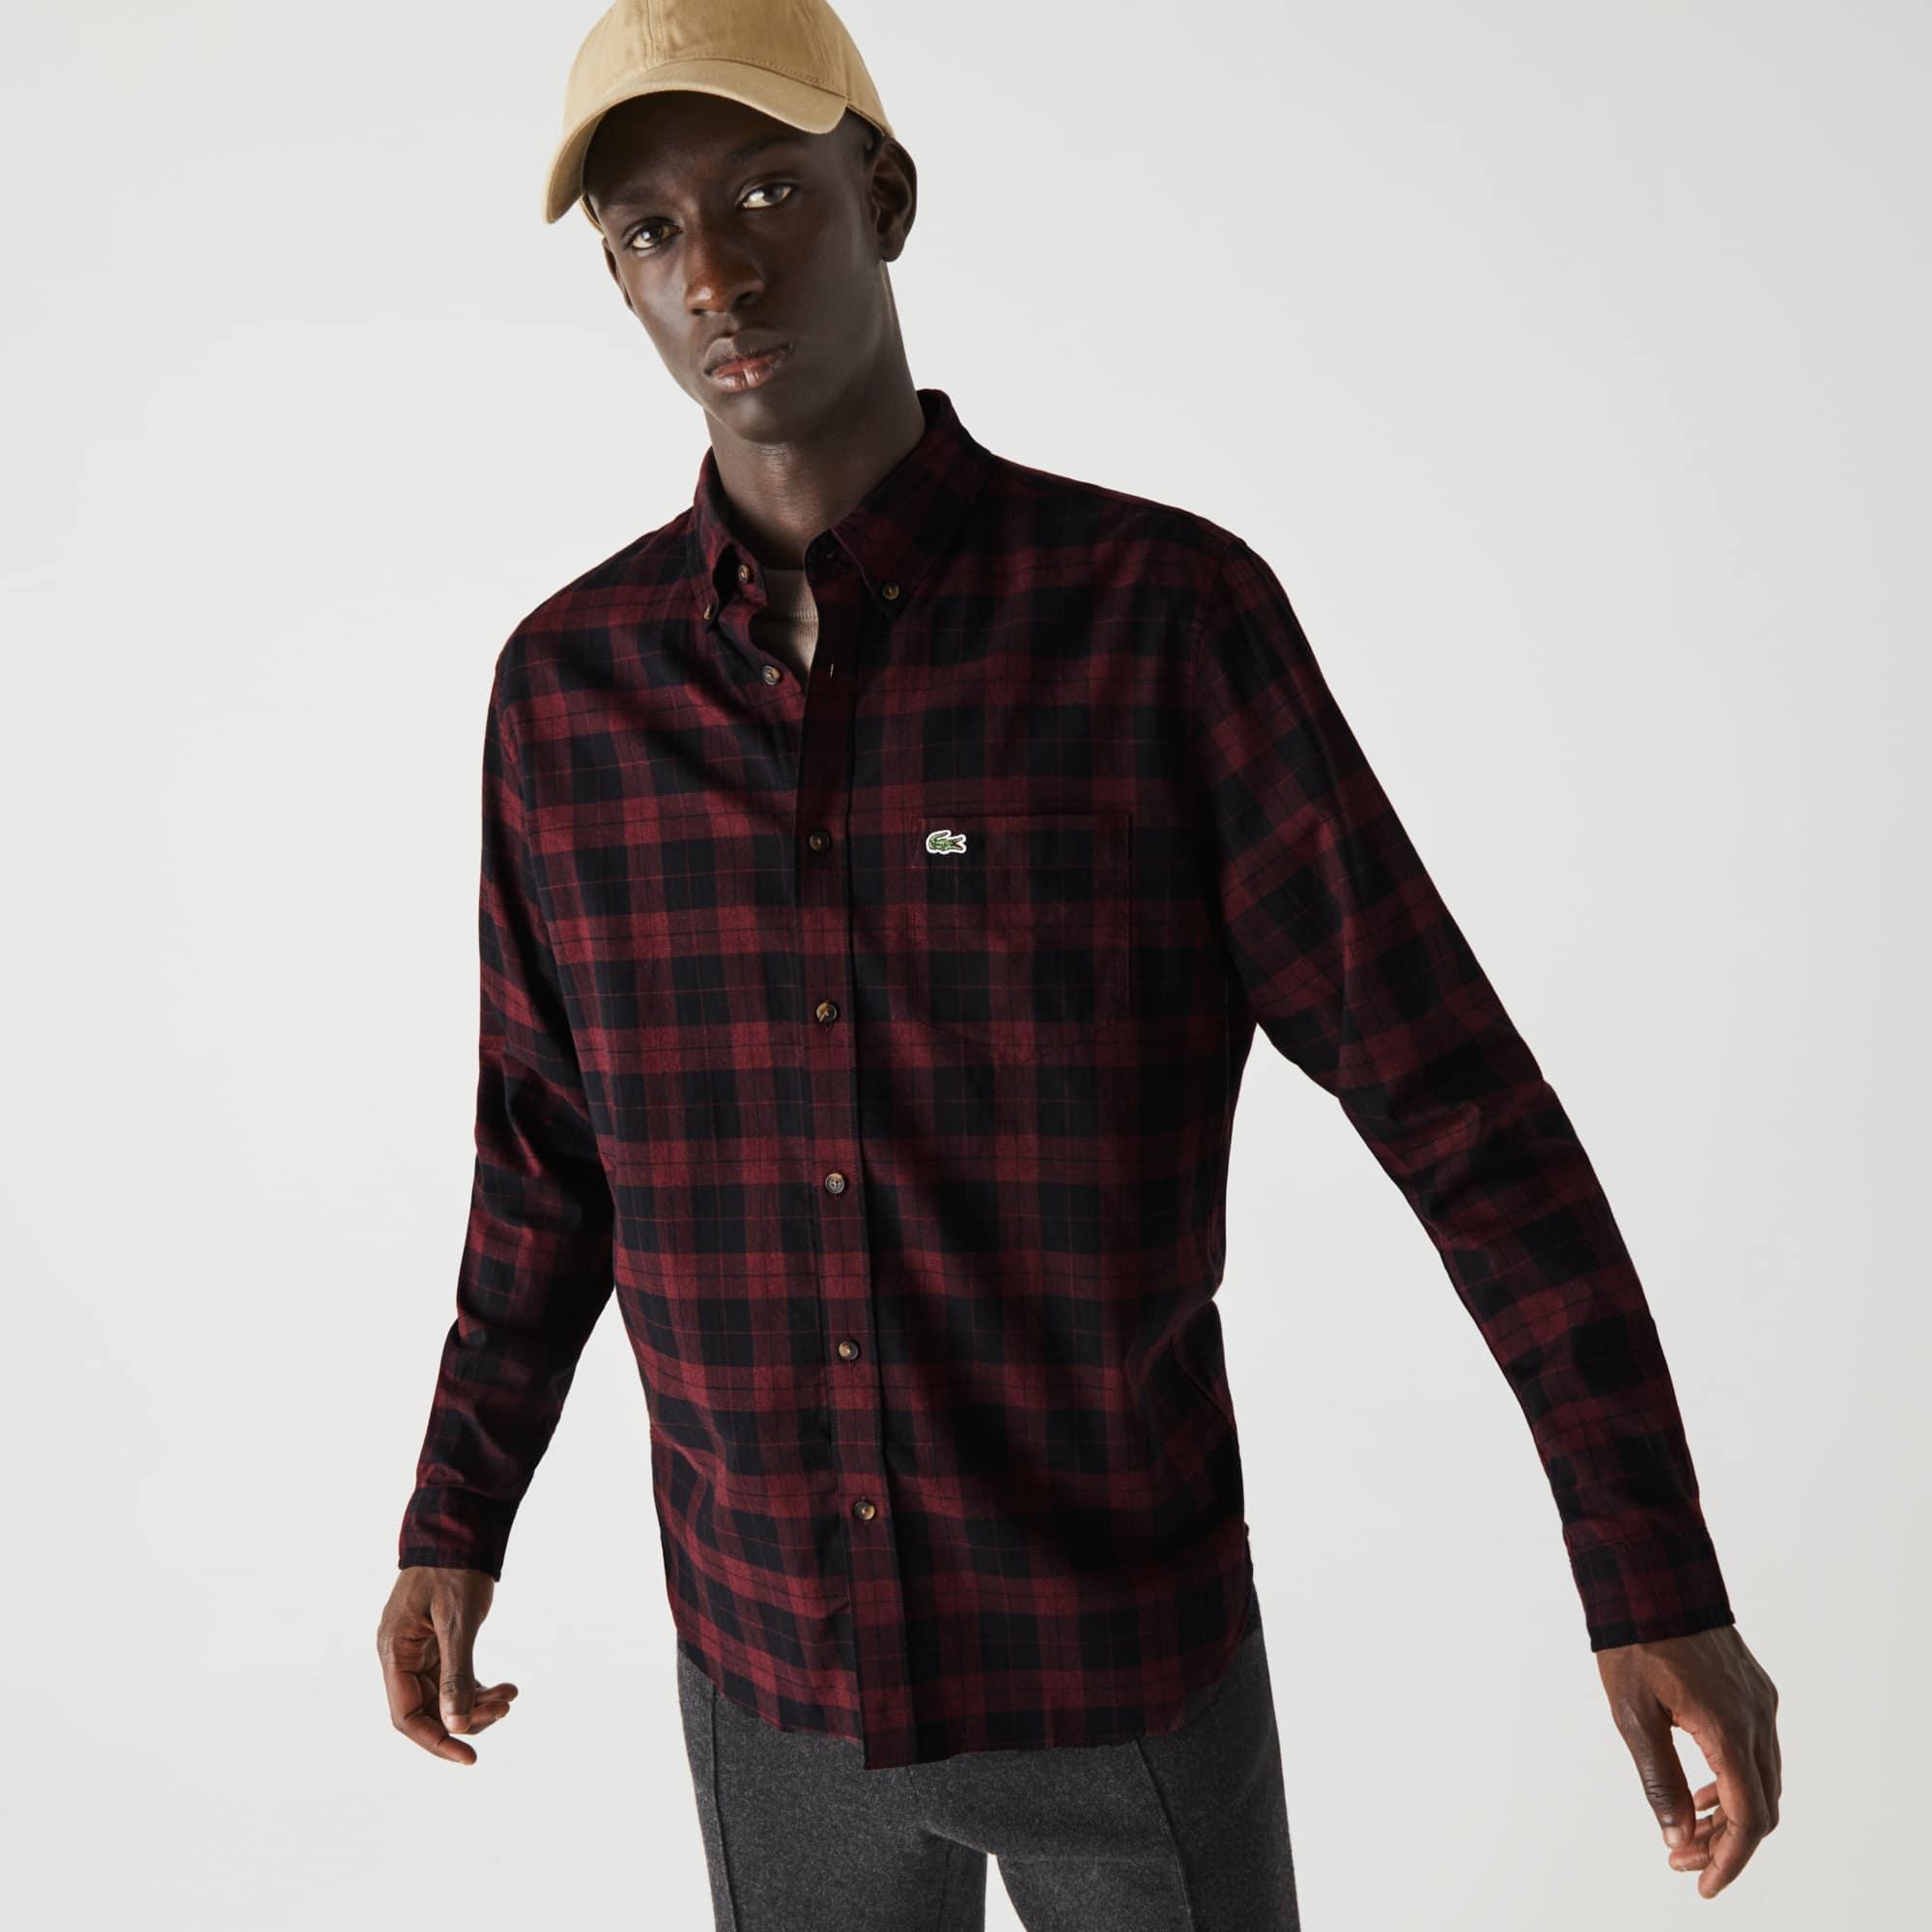 라코스테 맨 체크 셔츠 Lacoste Mens Regular Fit Cotton Twill Checkered Shirt